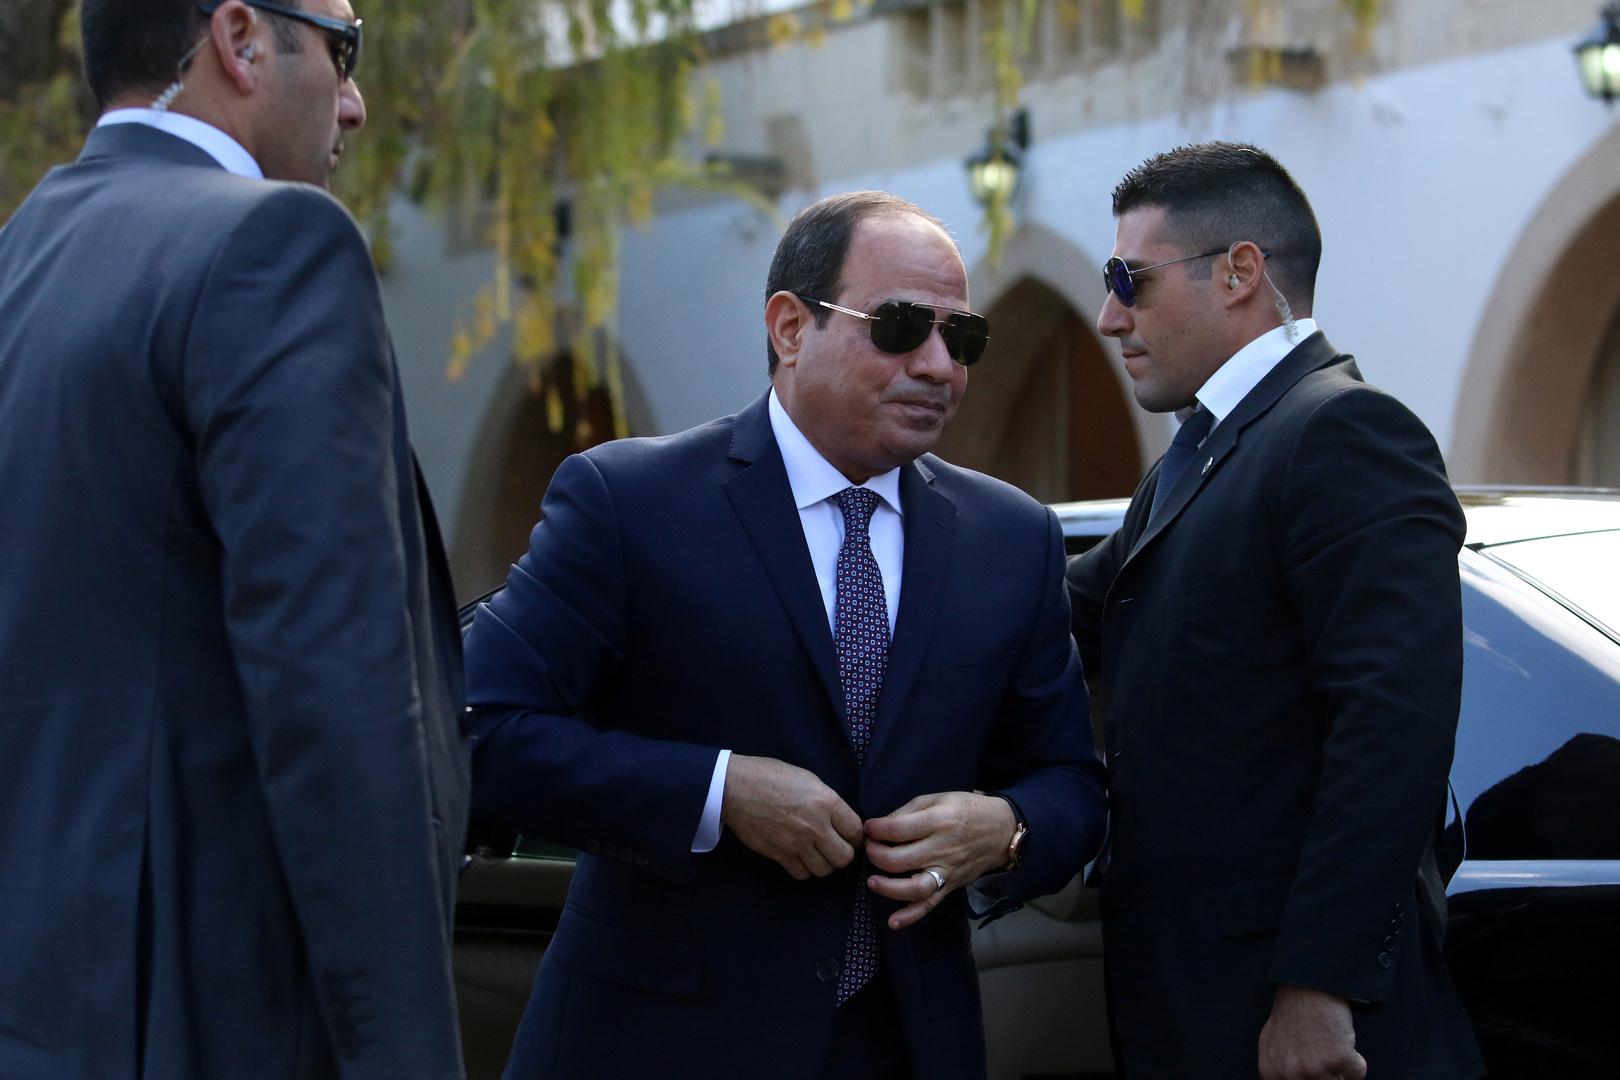 السيسي ورئيس وزراء اليونان يحذران من تفاقم الأوضاع في ليبيا نتيجة التدخلات الأجنبية